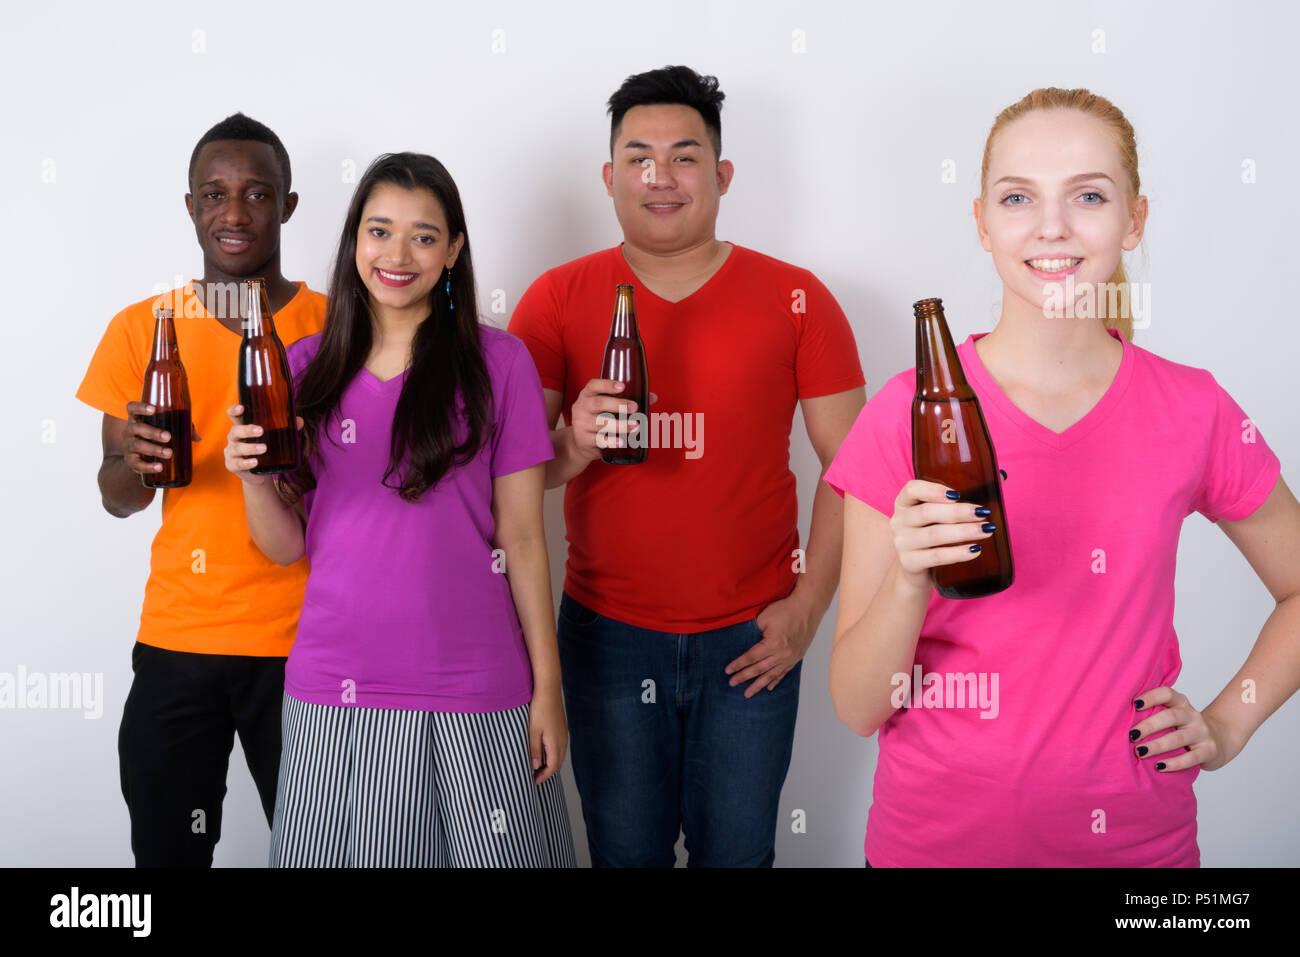 Foto de estudio de feliz joven con diverso grupo de multi eth Imagen De Stock